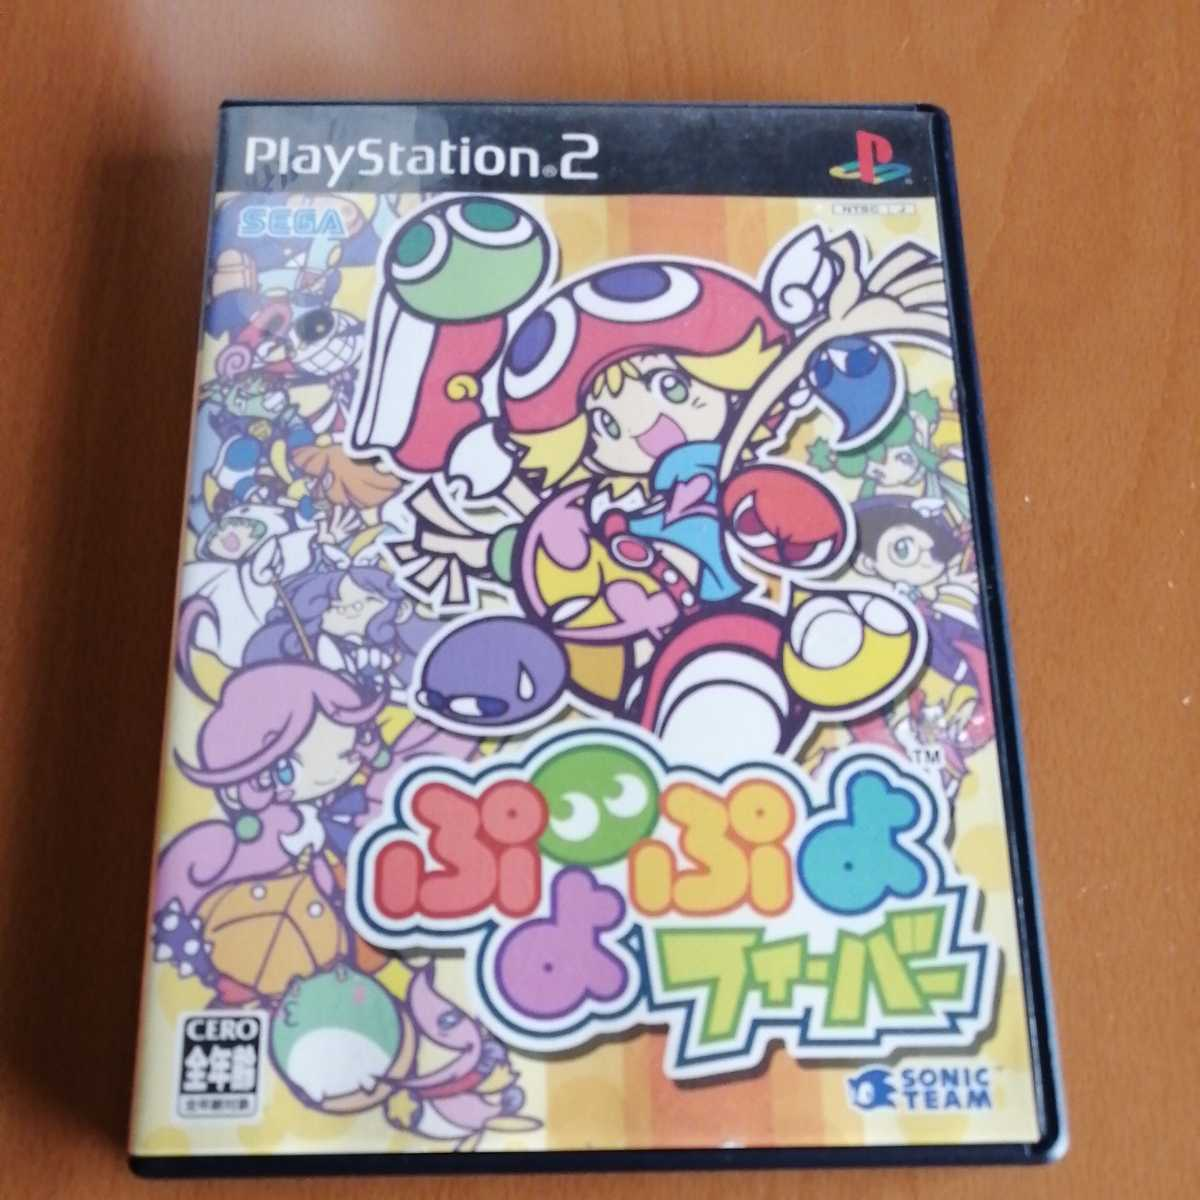 ぷよぷよフィーバー SEGA SONIC TEAM PS2 プレステ2 プレイステーション2 ソフト 動作確認済 送料無料 即決_画像1